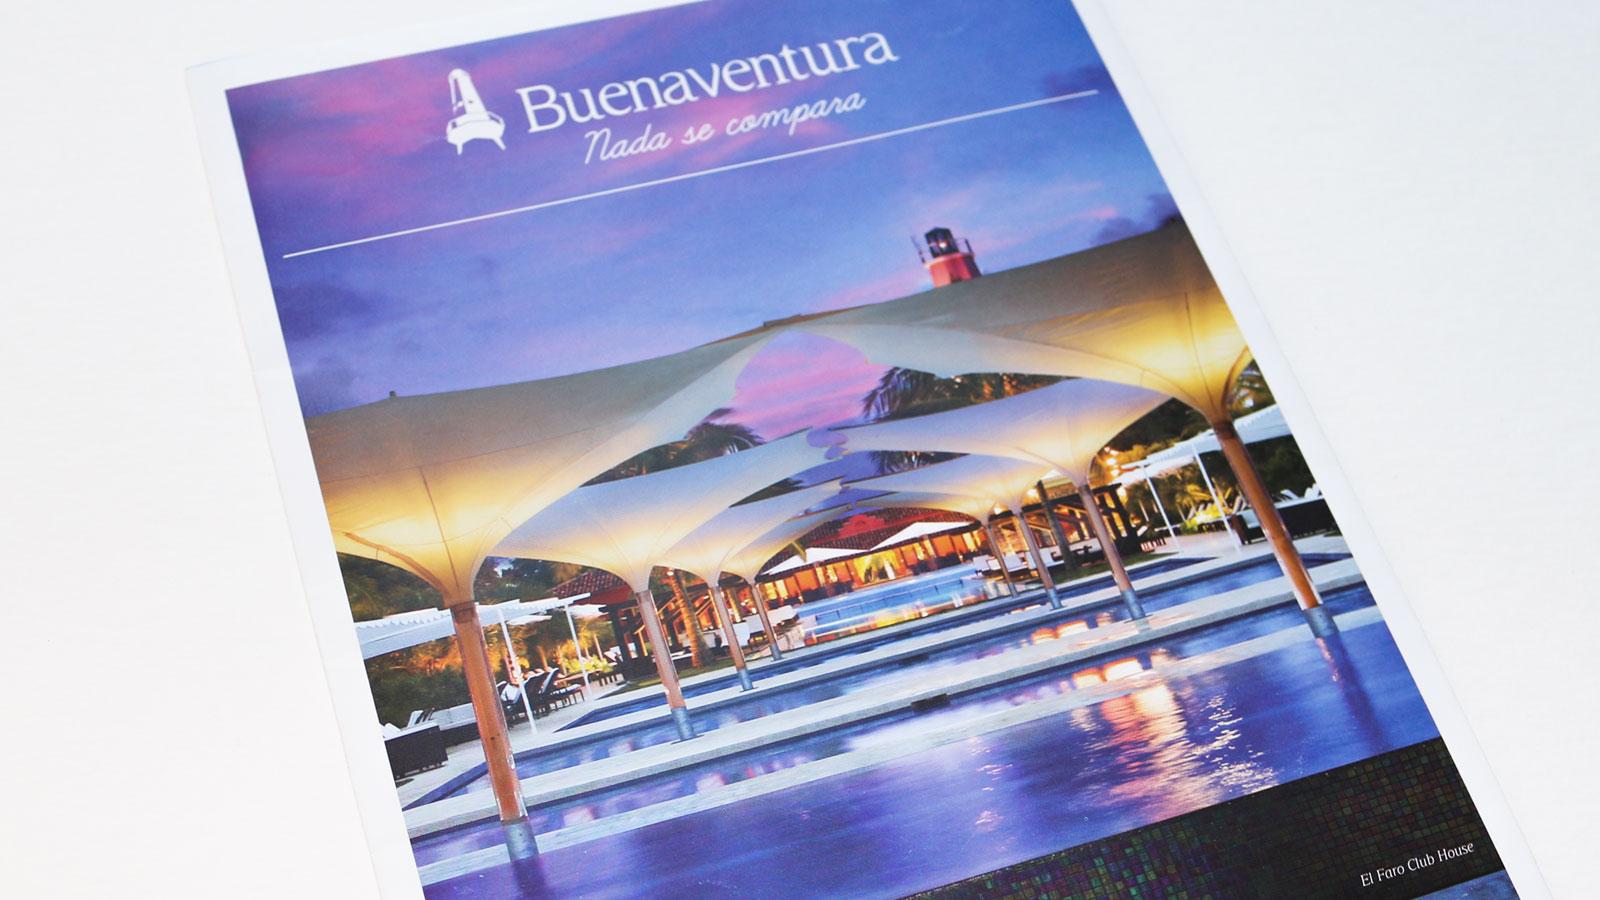 Buenaventura-13